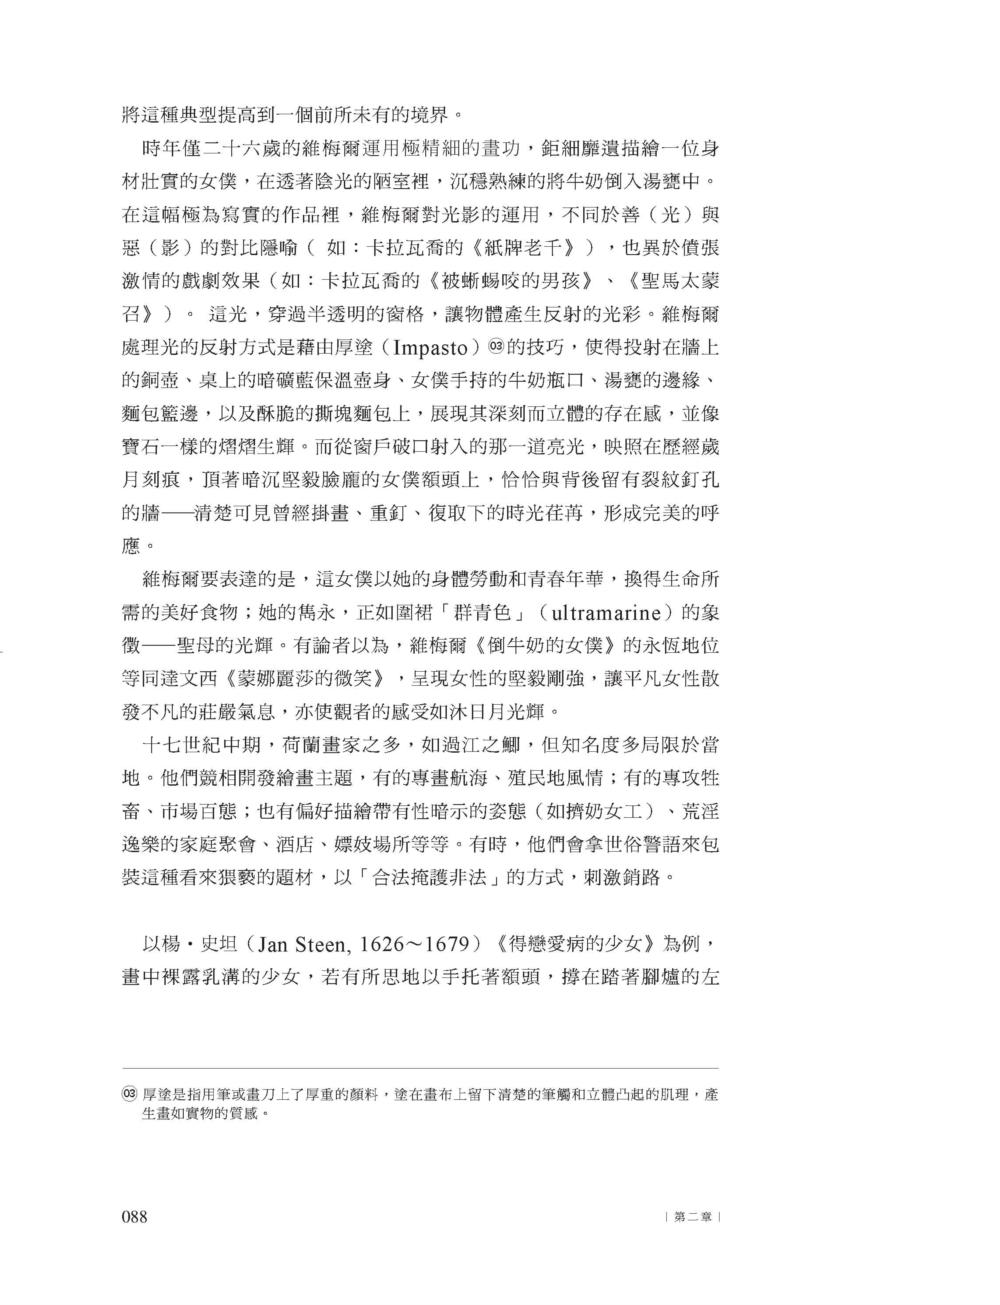 http://im1.book.com.tw/image/getImage?i=http://www.books.com.tw/img/001/072/81/0010728178_b_08.jpg&v=57cfec76&w=655&h=609